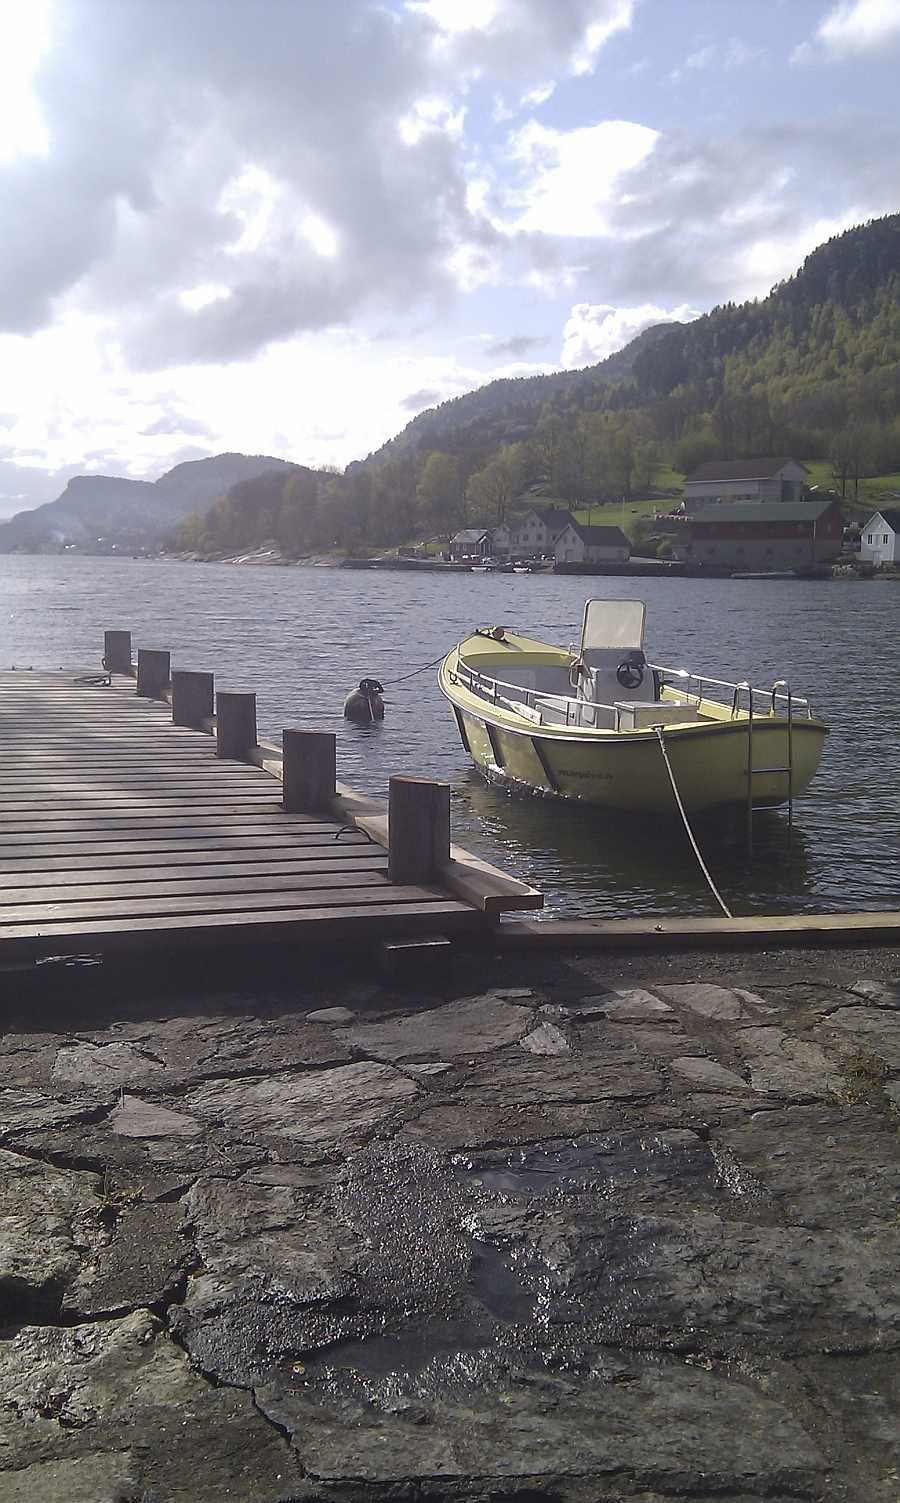 Das Zusatzboot 21 Fuß mit 10-15 PS Motor am Bootsteg.